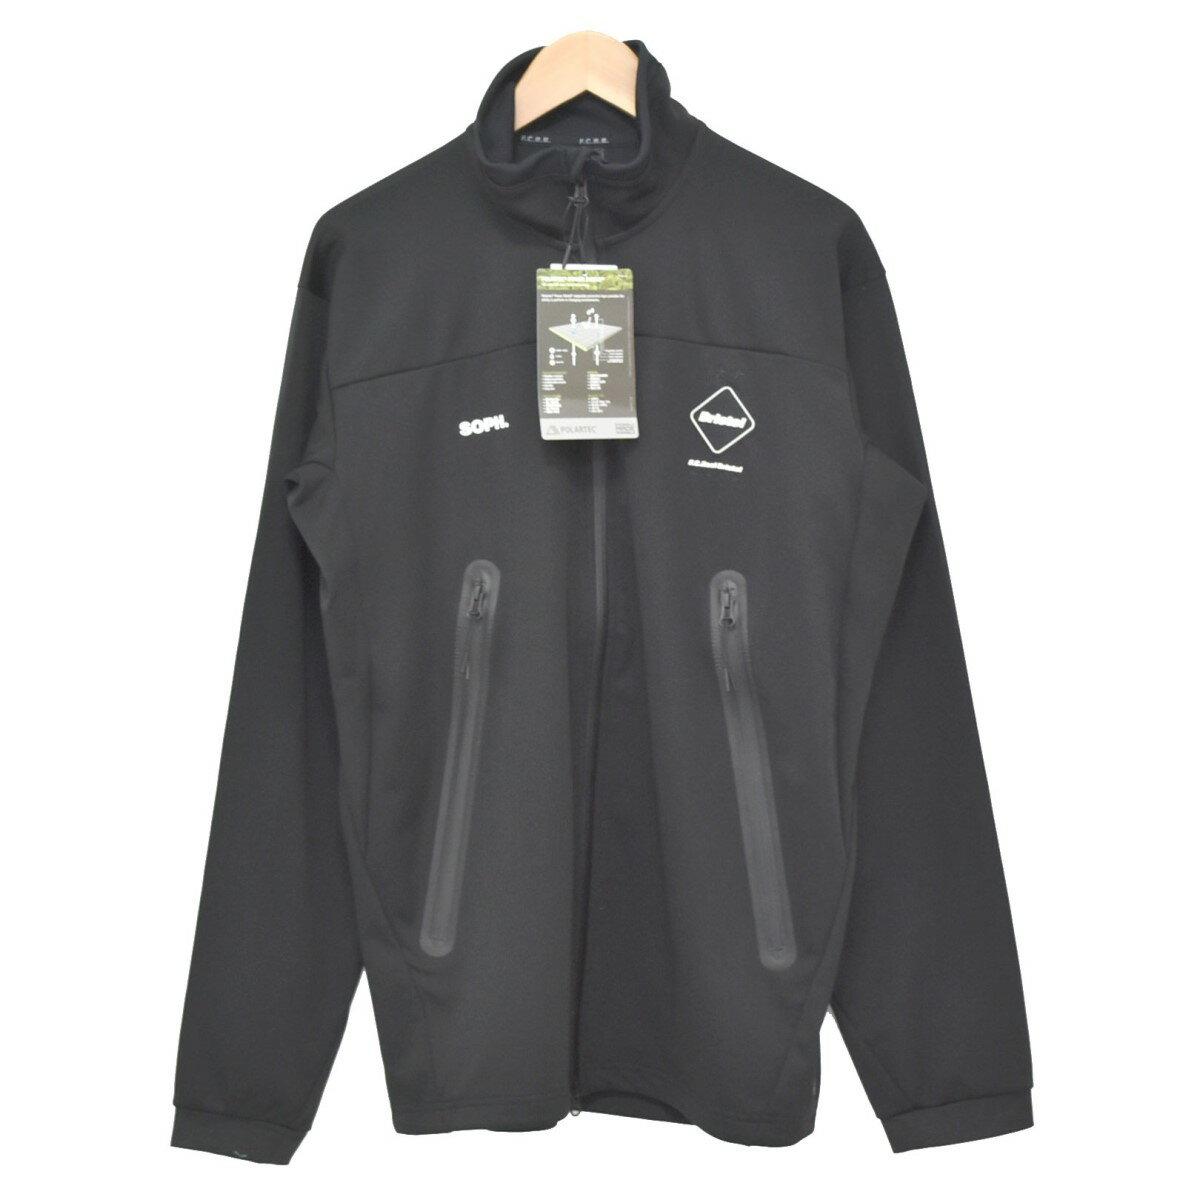 メンズファッション, コート・ジャケット FCRB POLARTEC POWER SHIELD STAND COLLAR BLOUSON XL 080520